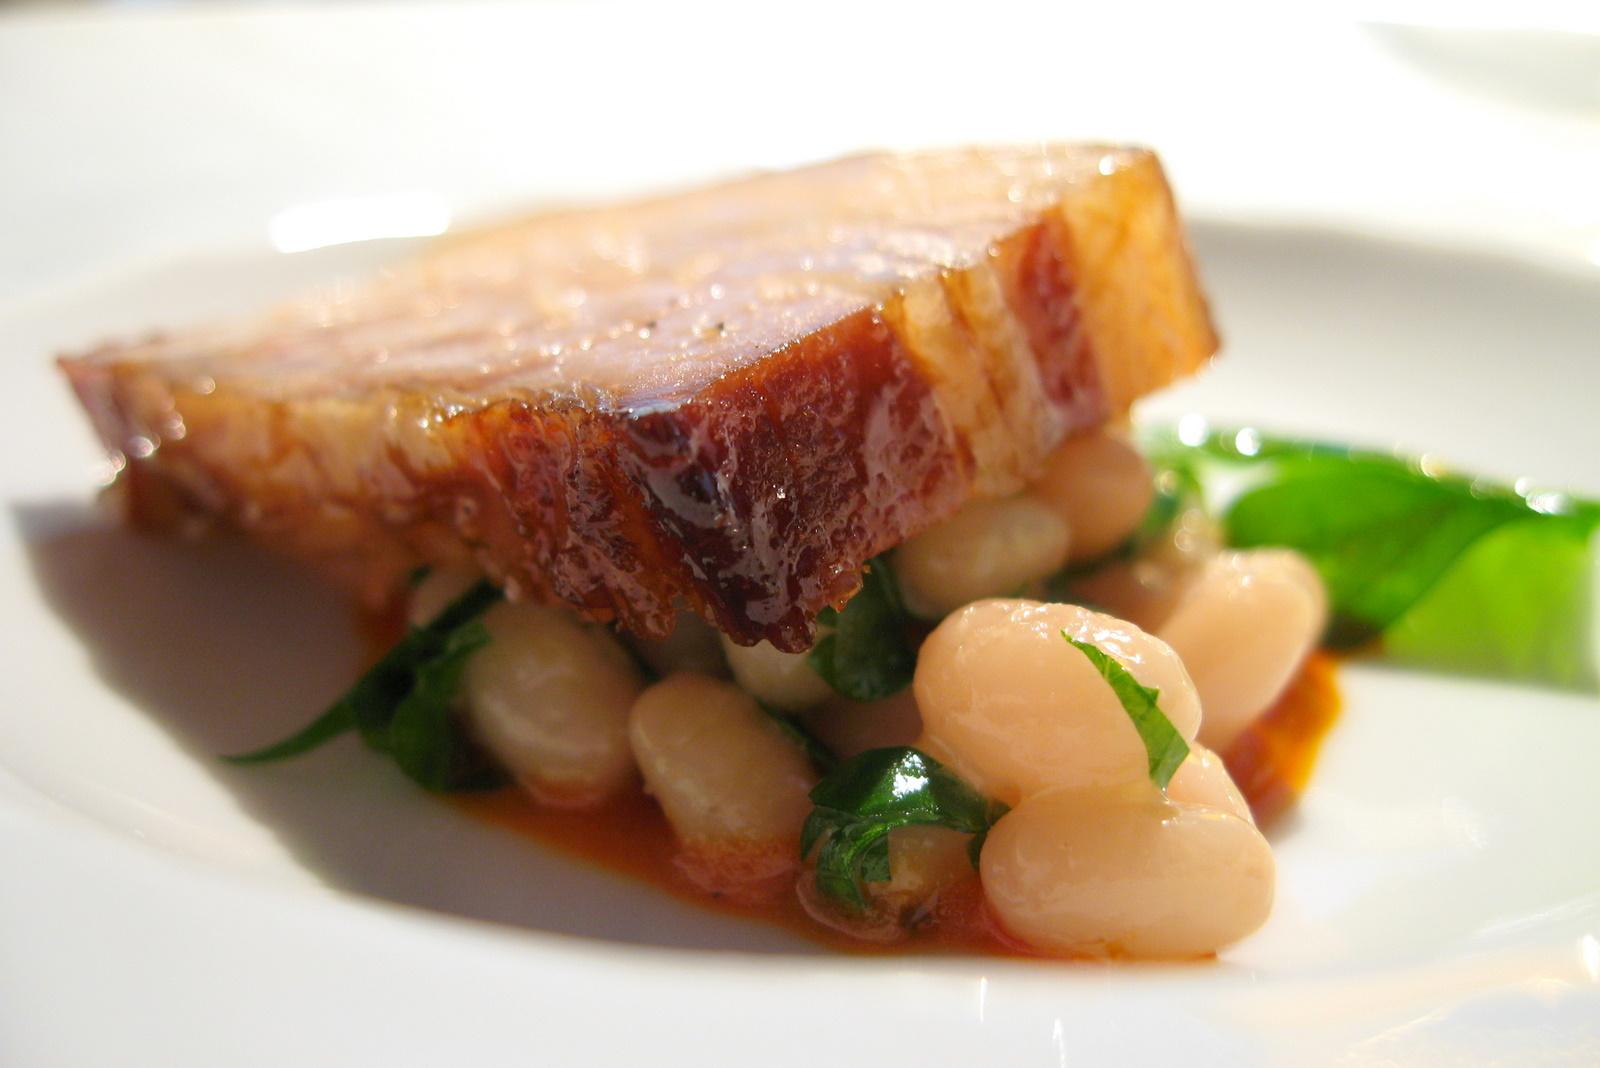 Poitrine de porc, haricots blancs, émulsion de chorizo (encore)